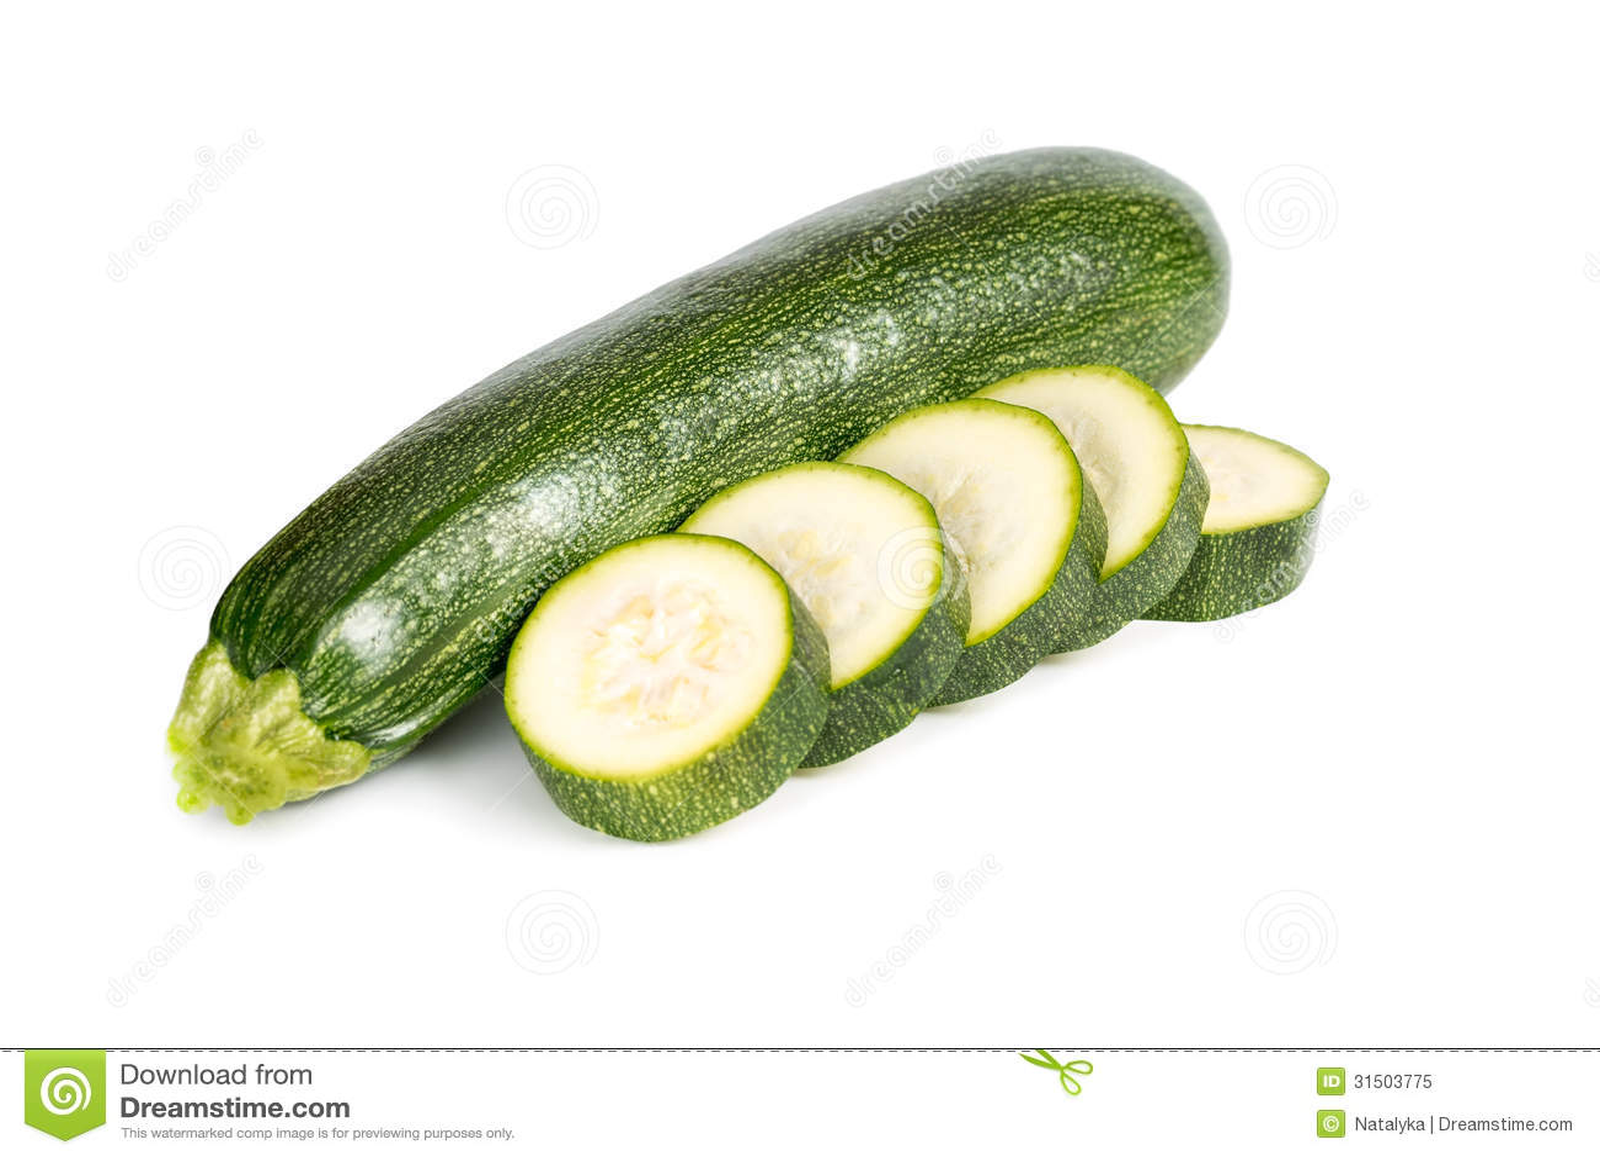 Zucchini stock image. Image of fresh, studio, gourd, whole ...